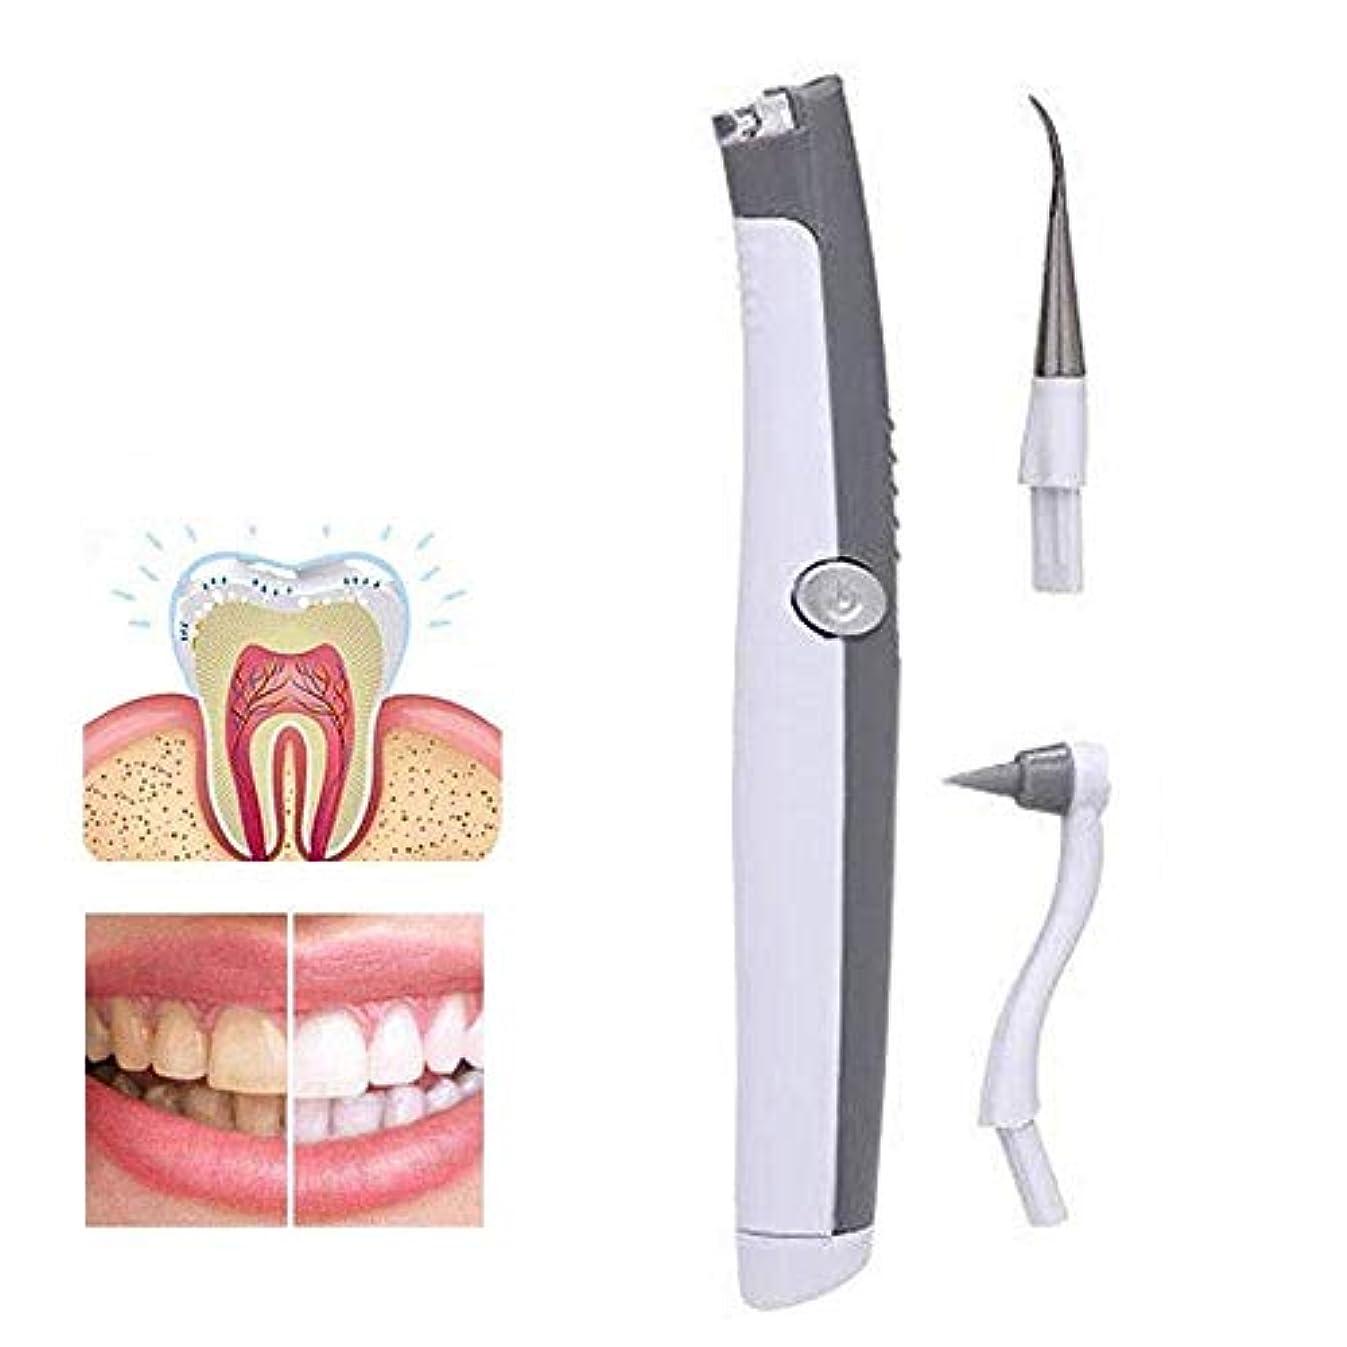 虚偽ペフダーベビルのテス歯のクリーニングツール電動歯ブラシ煙汚れ歯石Ledライト歯の染色消しゴムプラークリムーバーポータブル歯のホワイトニング楽器